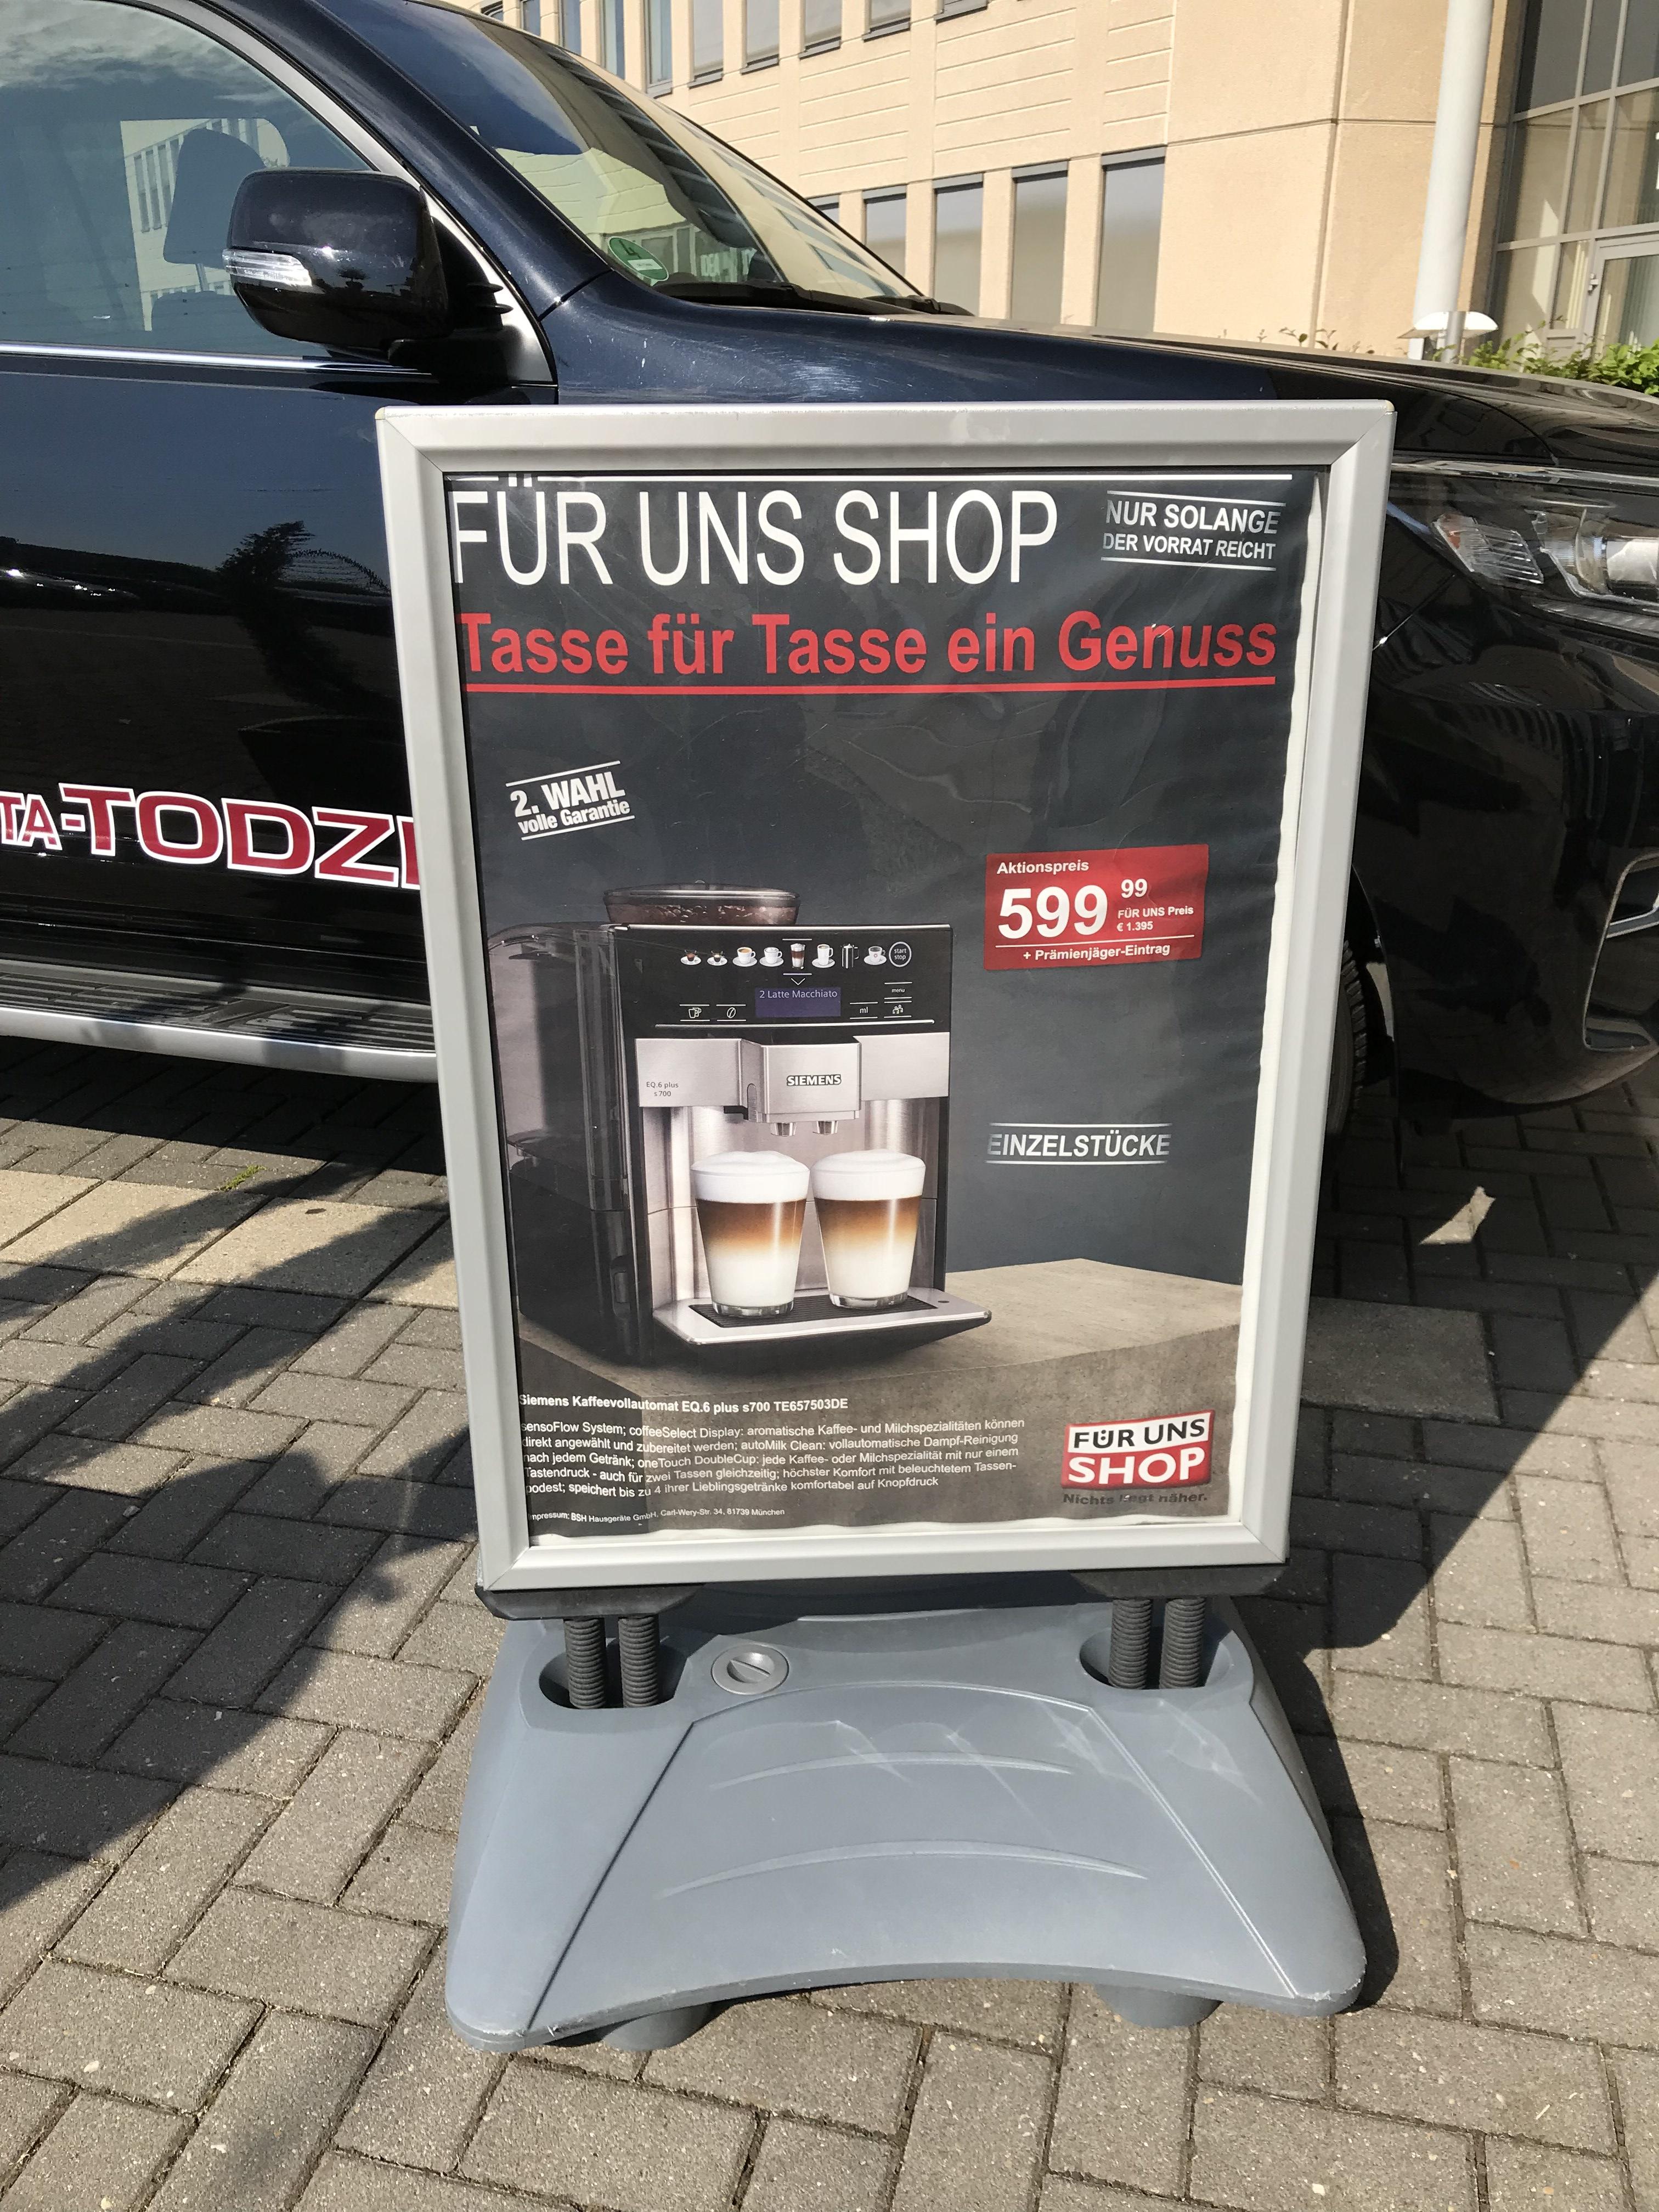 [Lokal] Siemens Kaffeevollautomat EQ.6 s700 TE657503DE Für uns Shop Essen und Mülheim